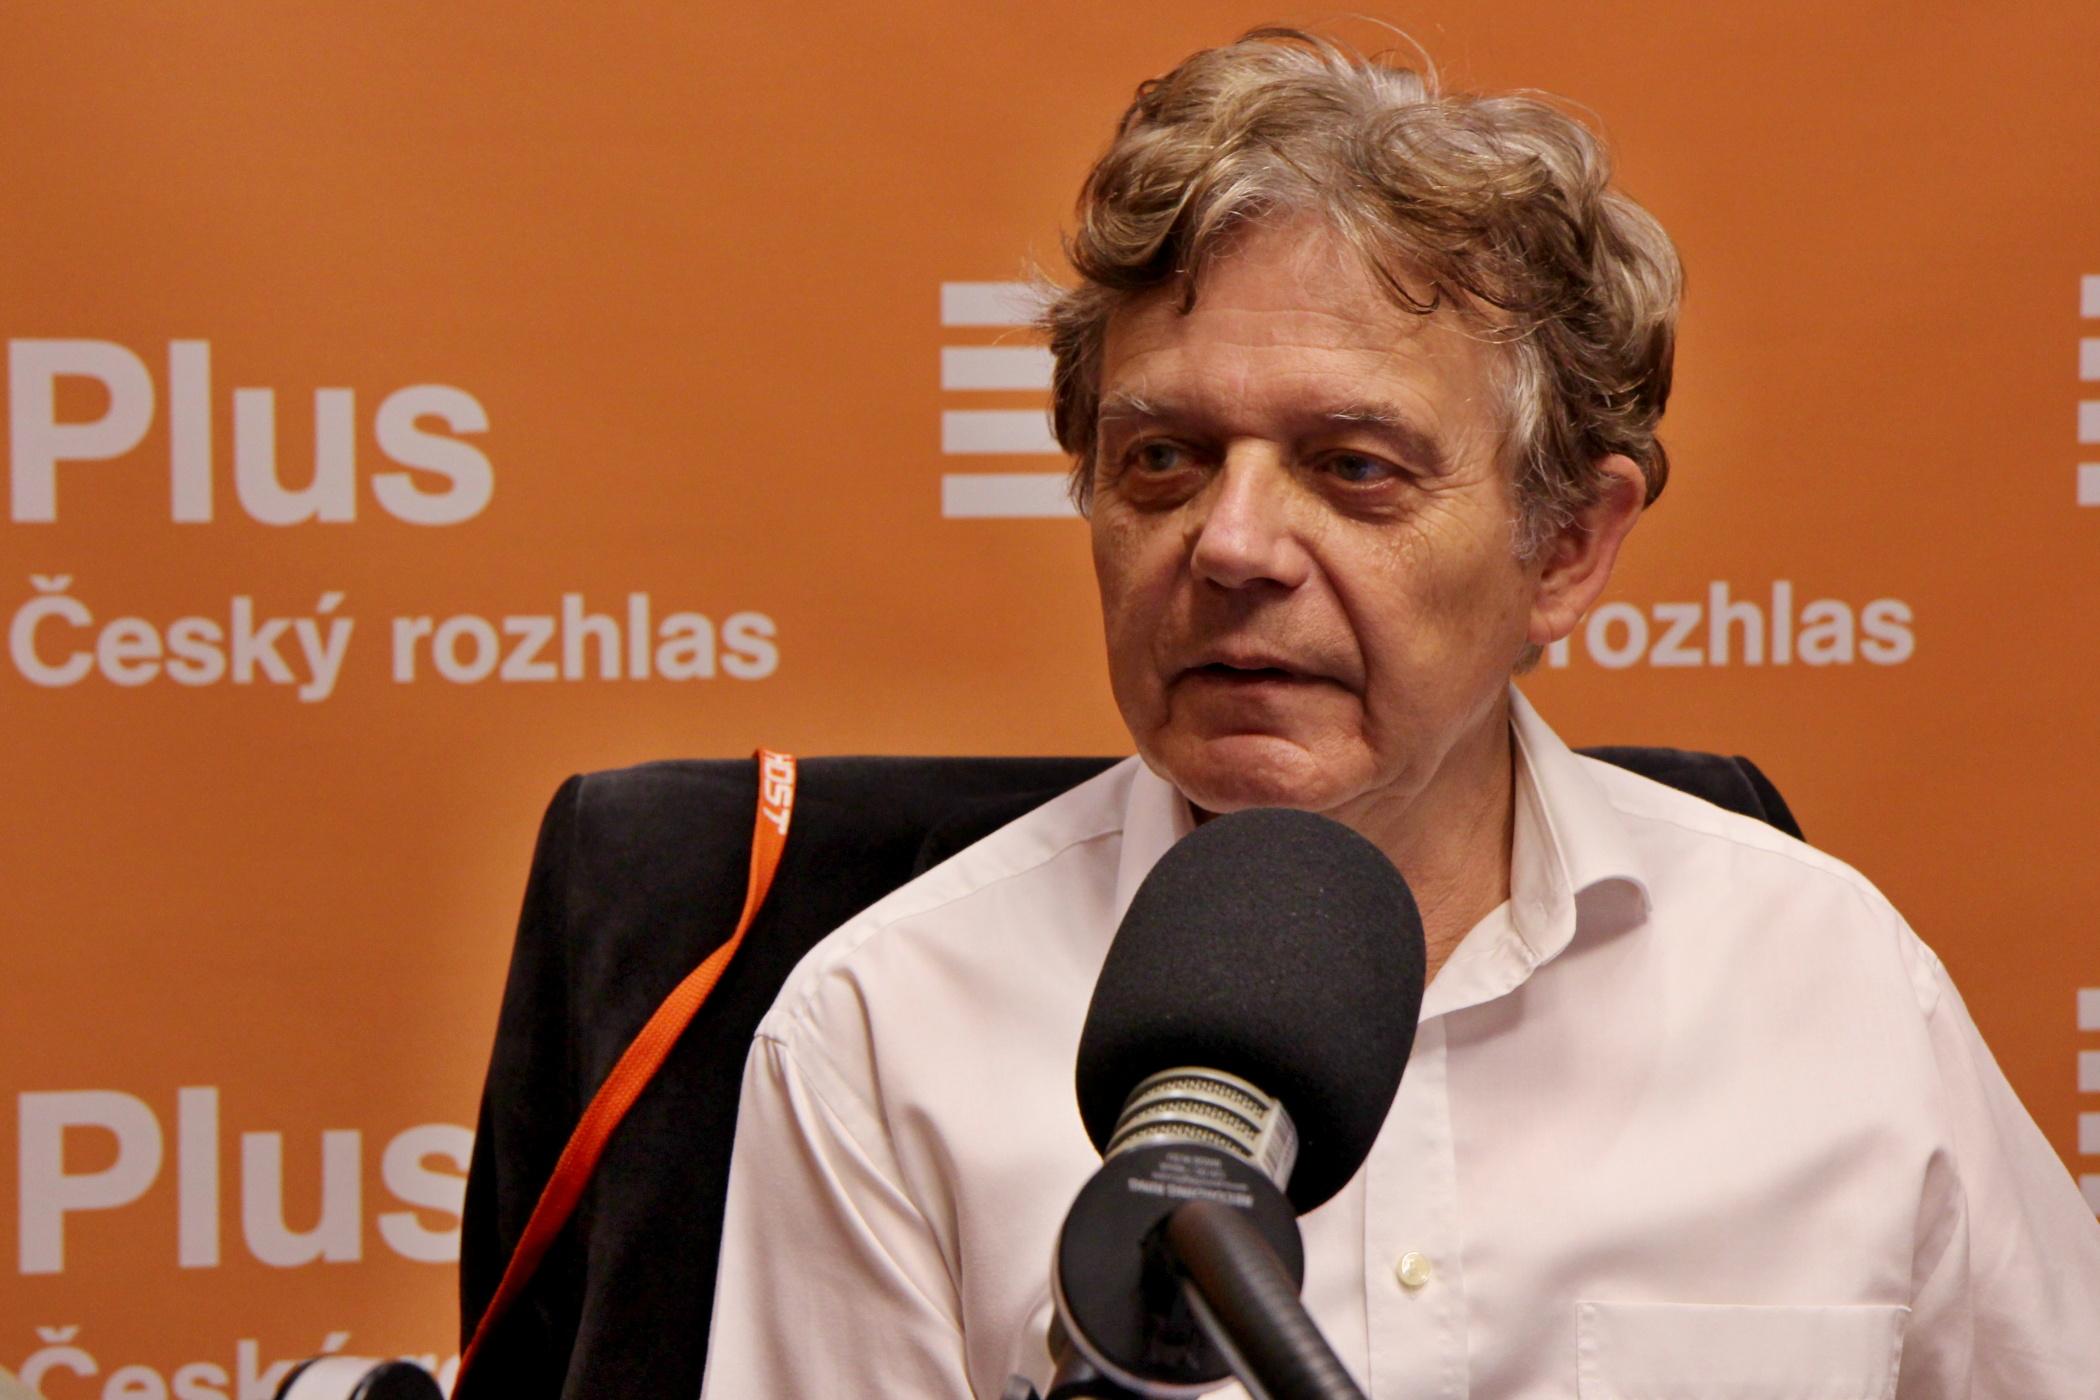 Alexander Tomský